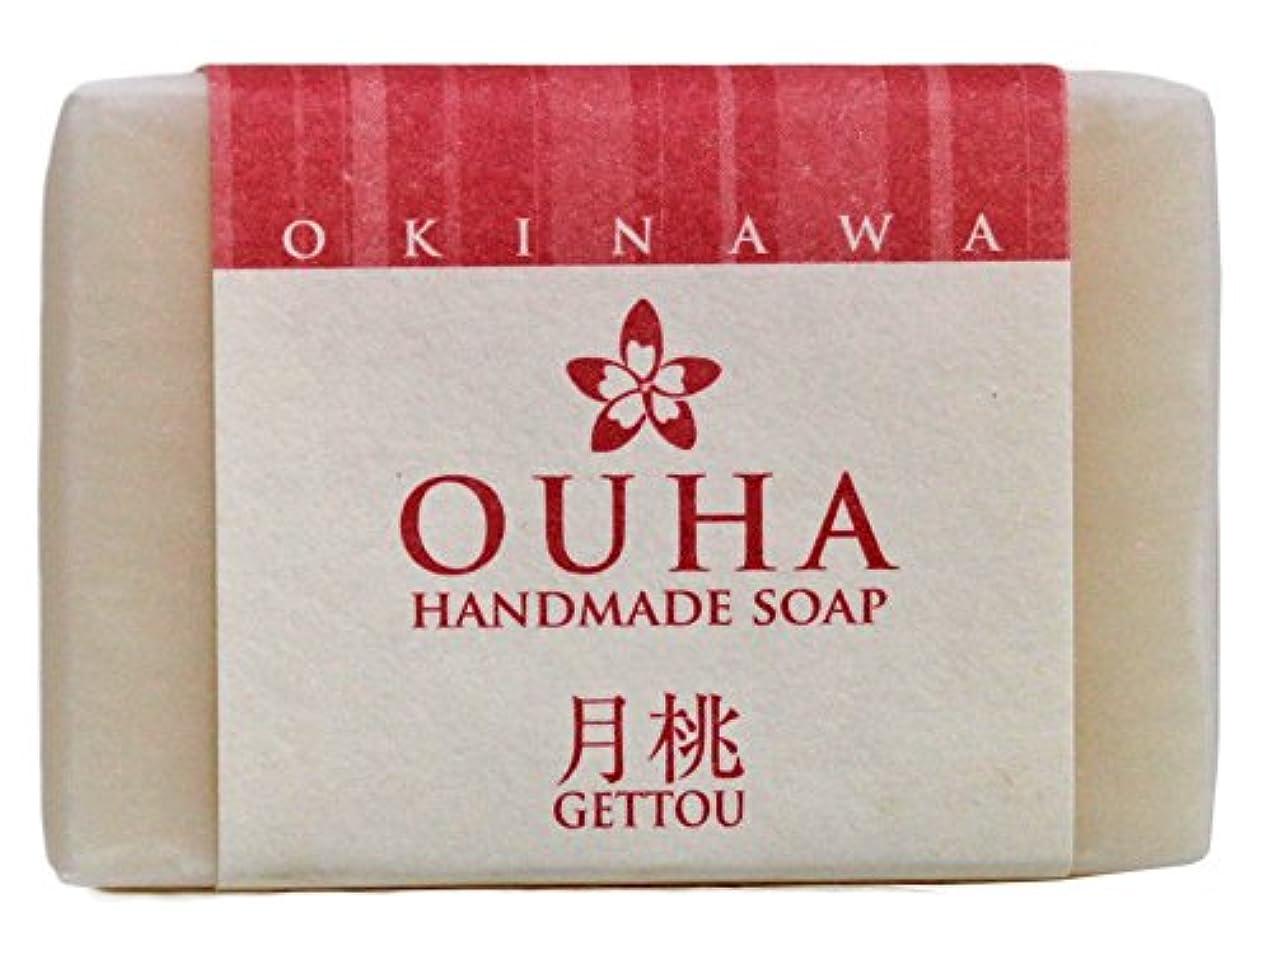 つらい工業化する六沖縄手作り洗顔せっけん OUHAソープ 月桃 47g